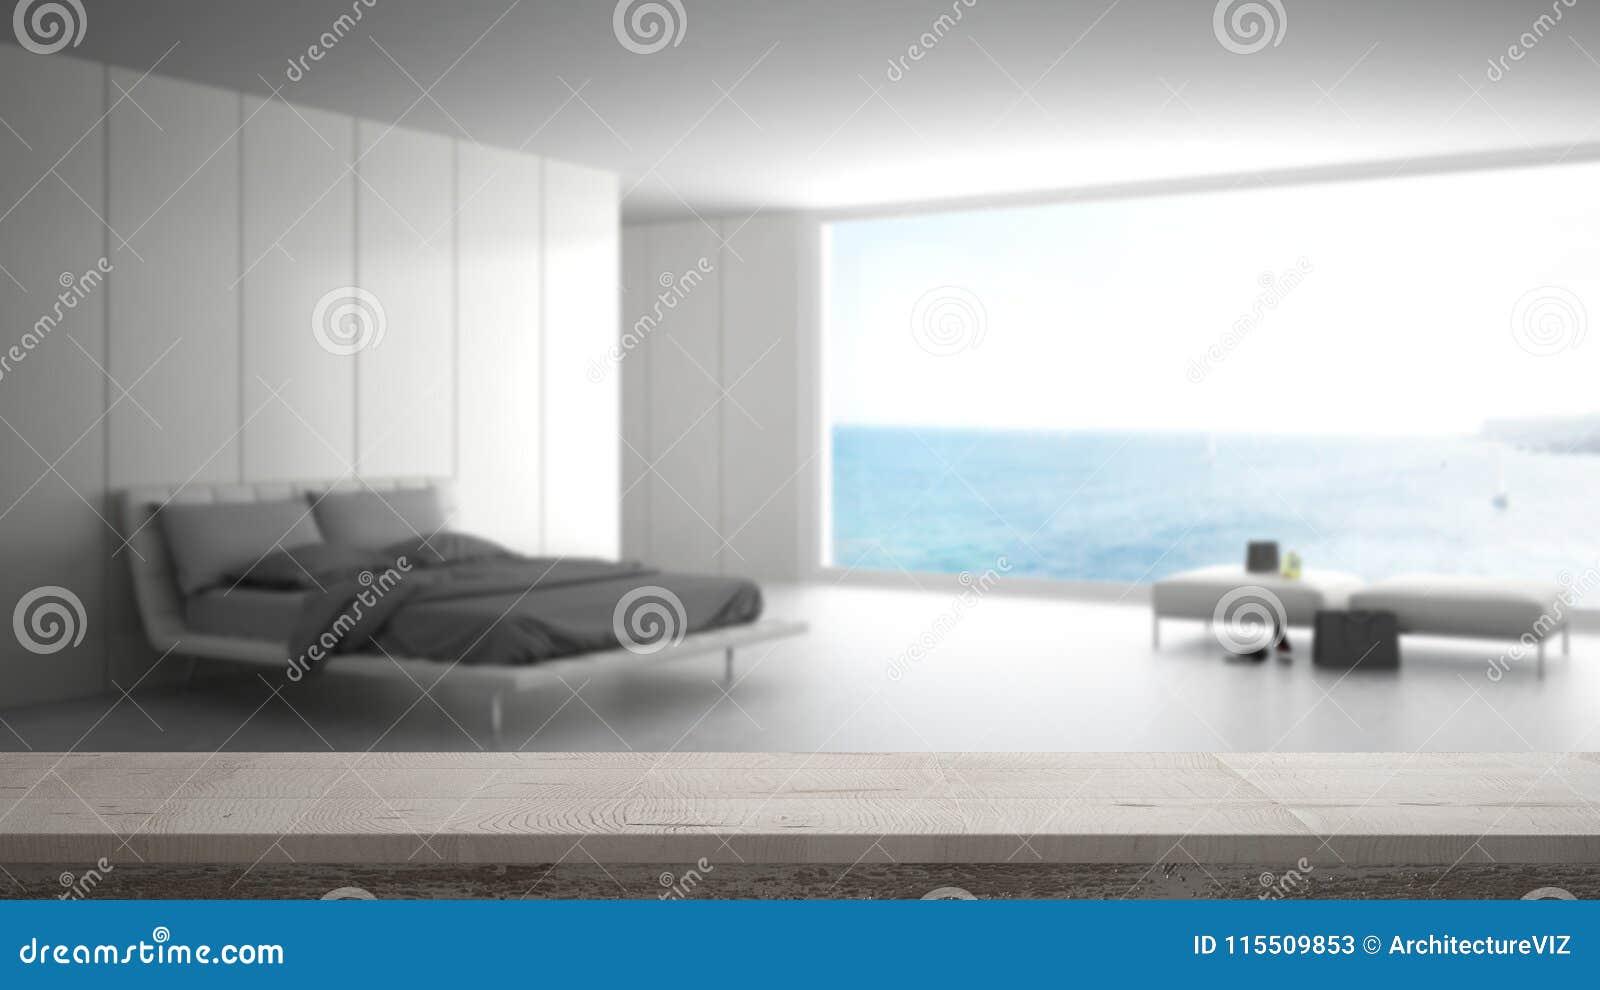 Download Wooden Vintage Table Top Or Shelf Closeup Zen Mood Over Blurred Minimalist Bedroom